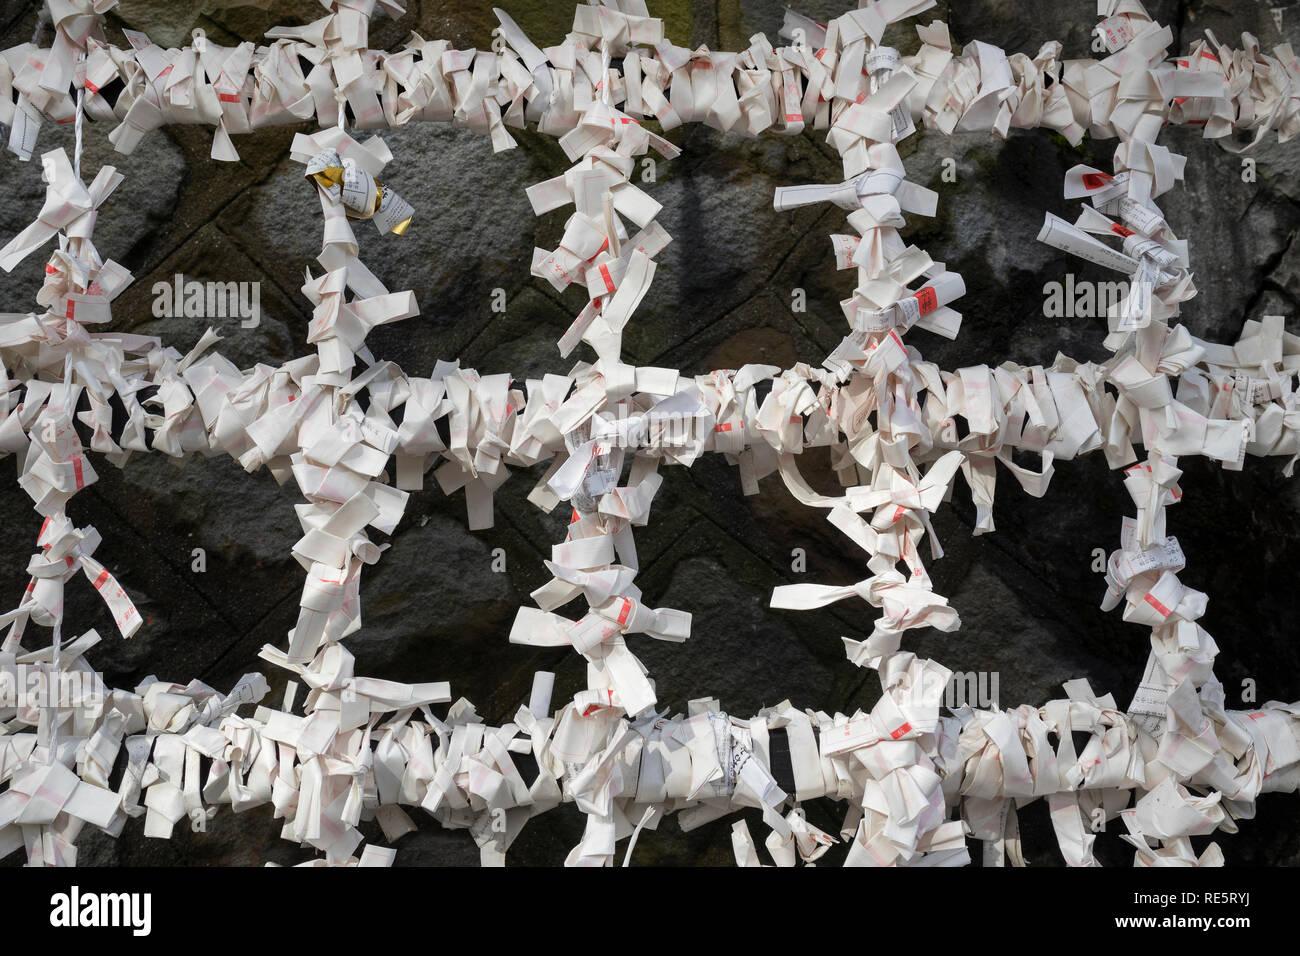 Kumamoto, Giappone - 13 Novembre 2018: Molti Omikuji, fortune raccontando la carta scivola al jo Kumamoto Inari santuario Immagini Stock